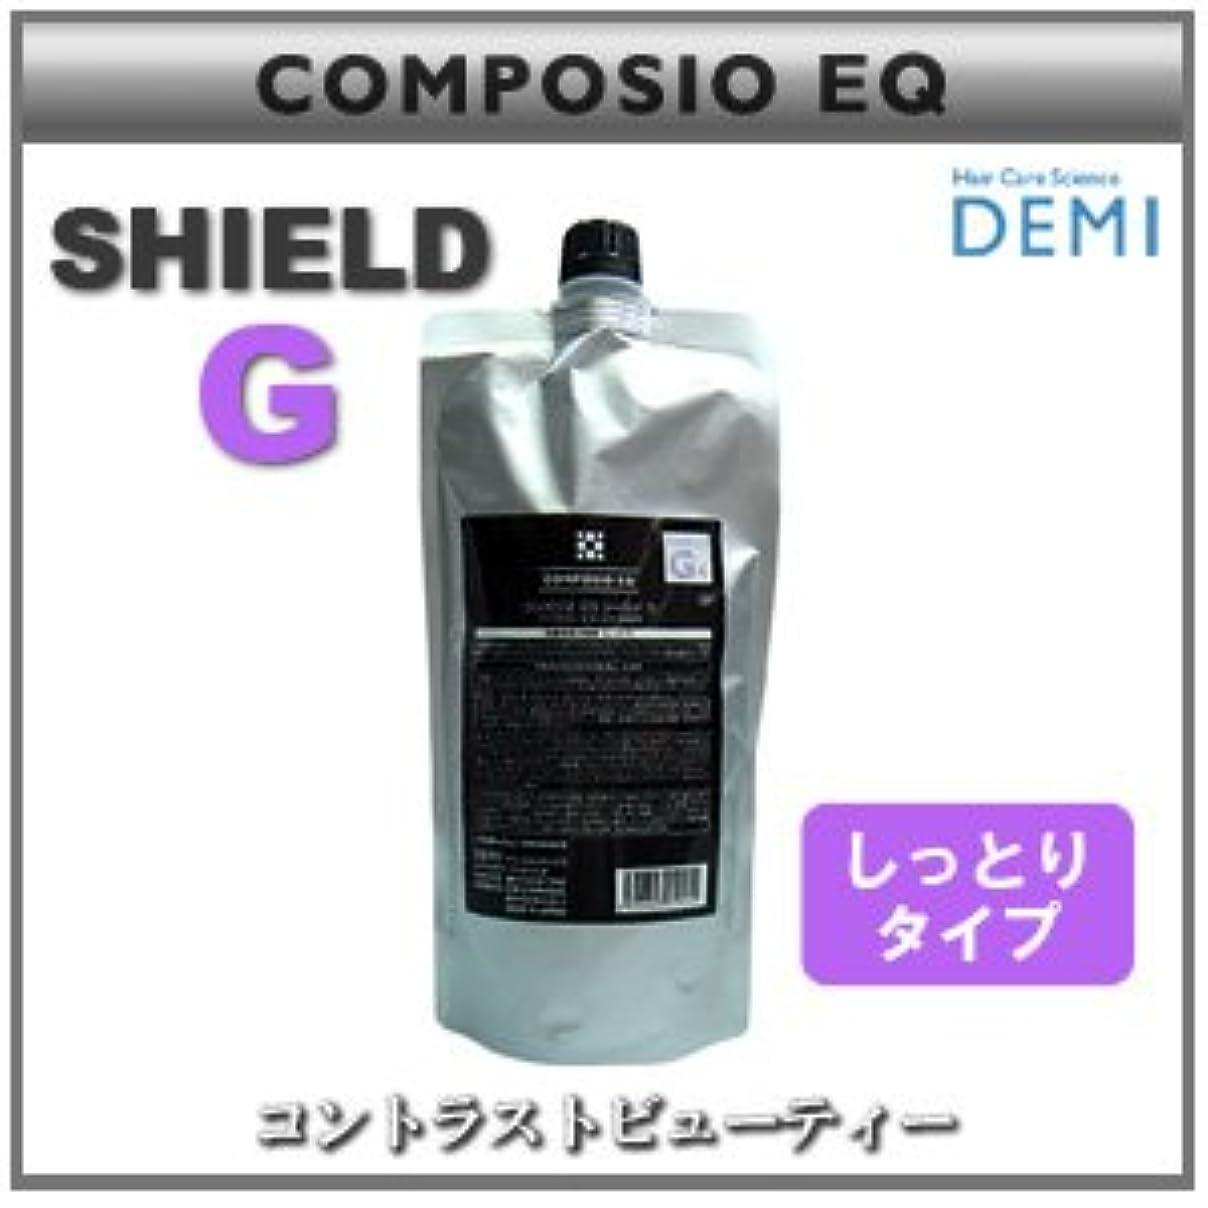 困難樹皮愛国的なデミ コンポジオ EQ シールド G 450g